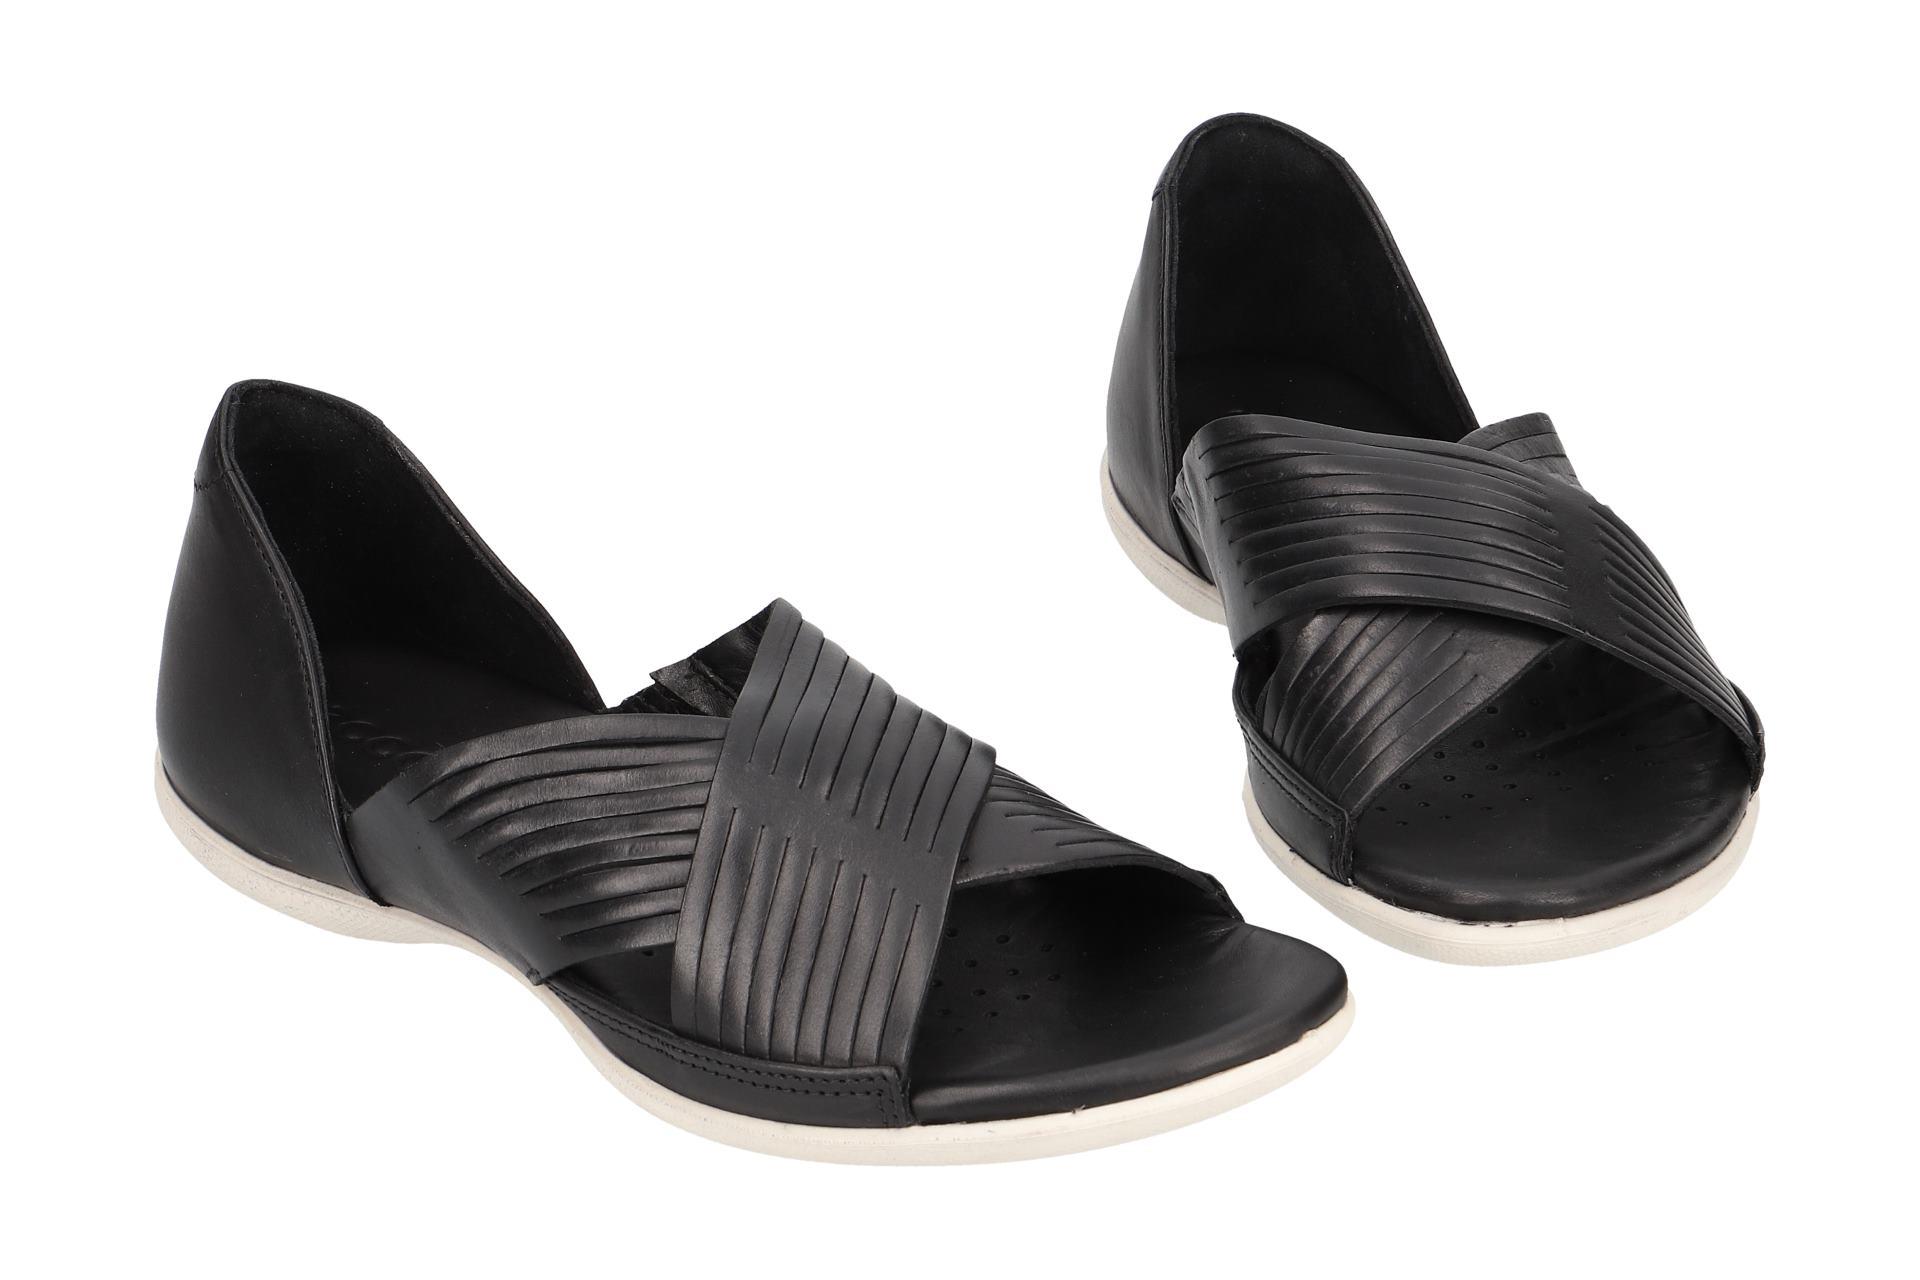 c3d8407852bbb2 Ecco FLASH Sandalette für Damen in schwarz 24390302001 Billig ...